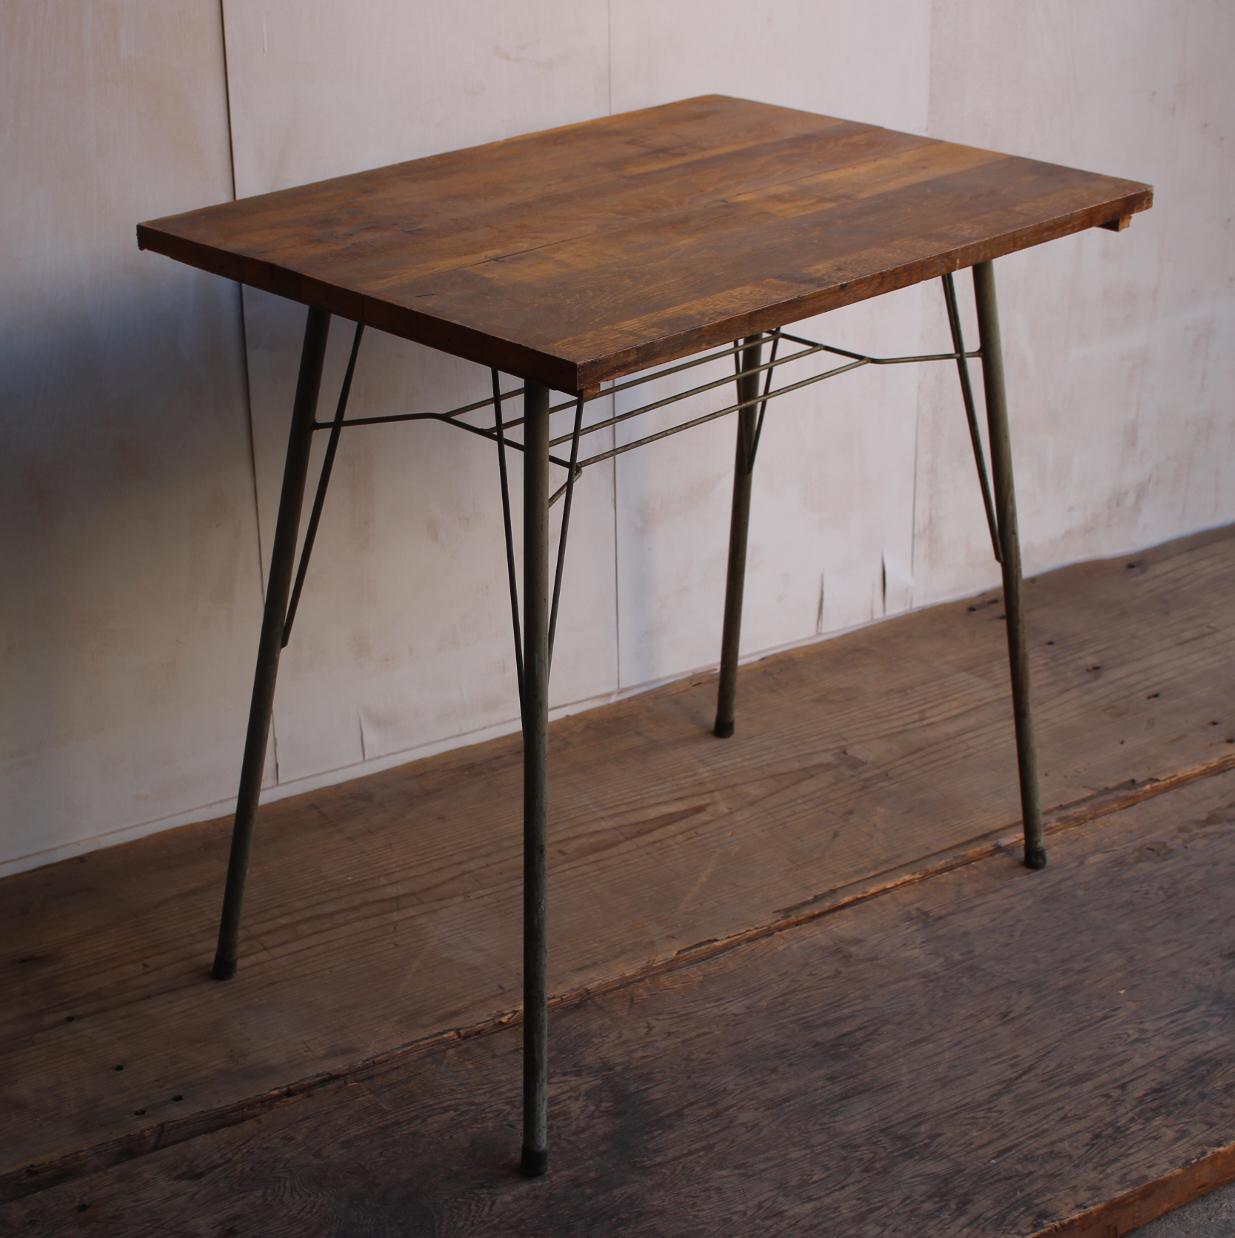 古い鉄脚と古材の組み合わせテーブル